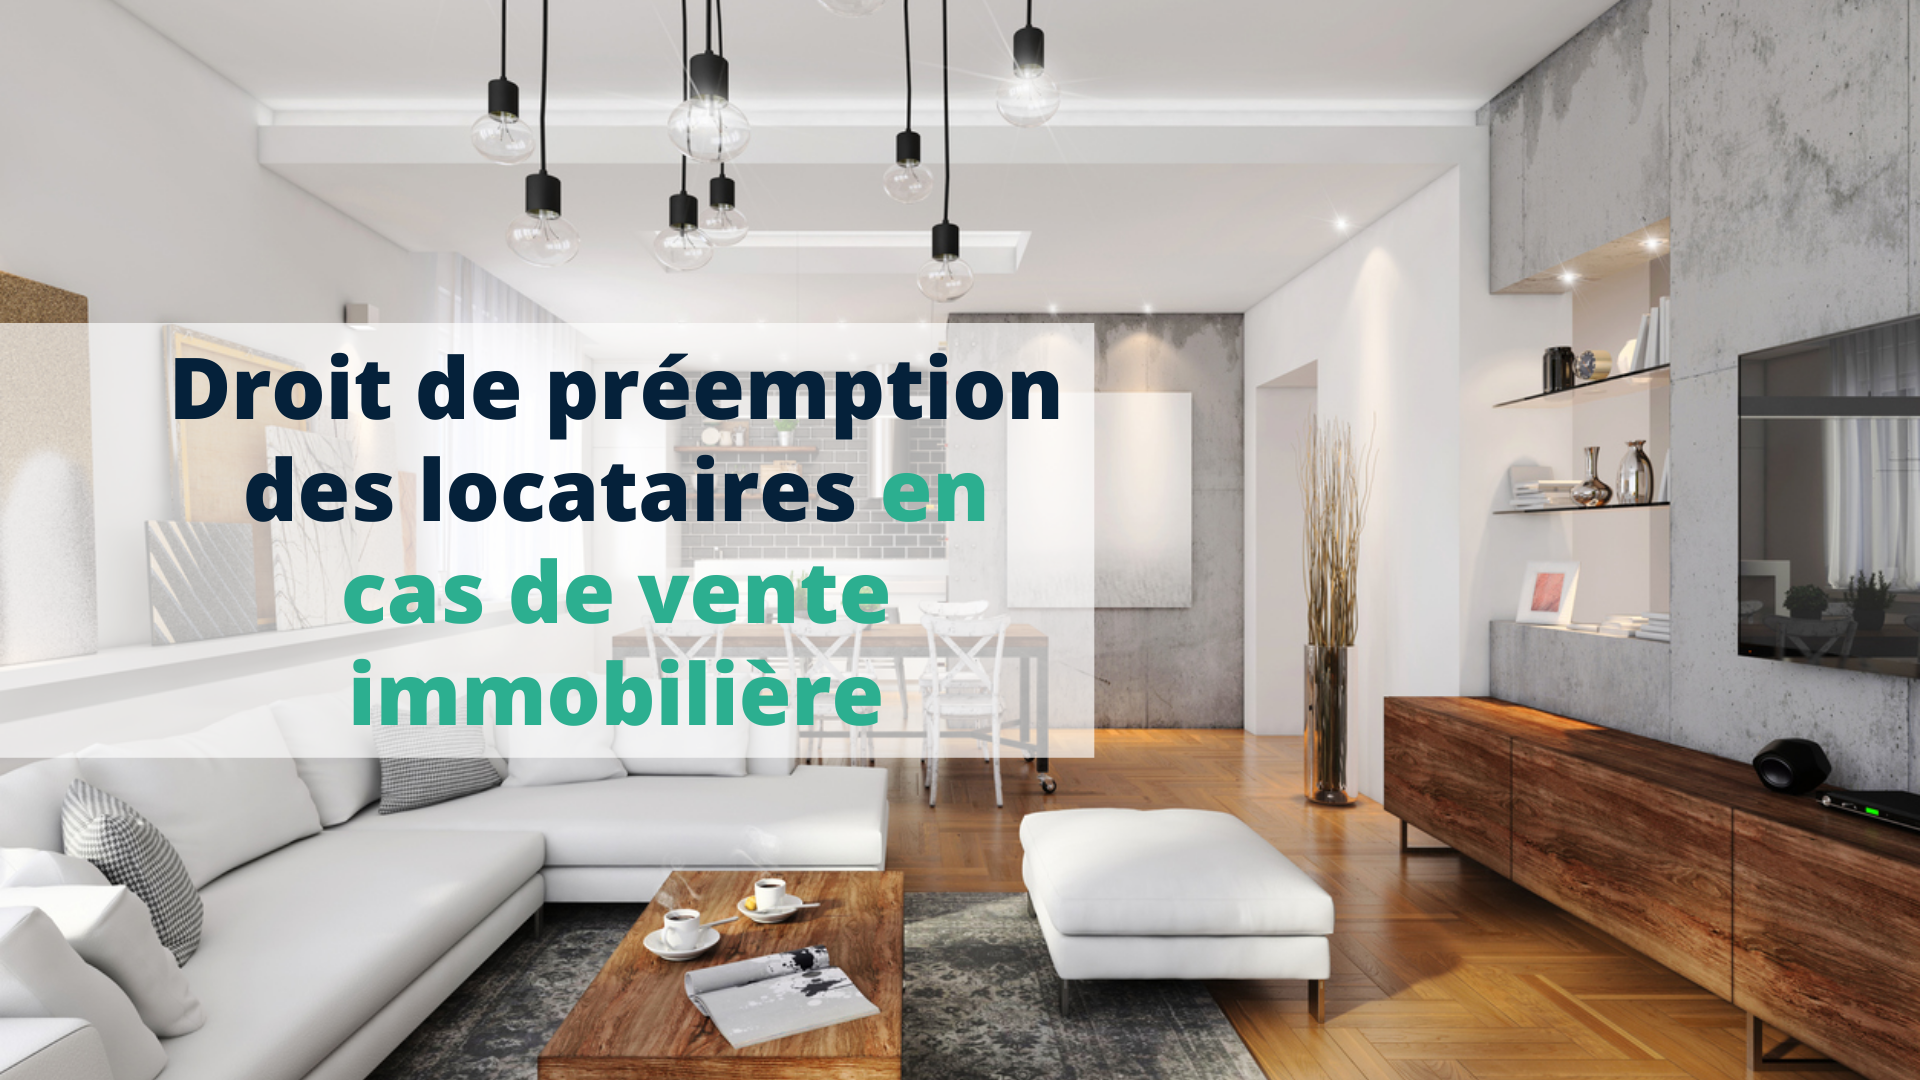 Droit de préemption des locataires en cas de vente immobilière - Start Learning